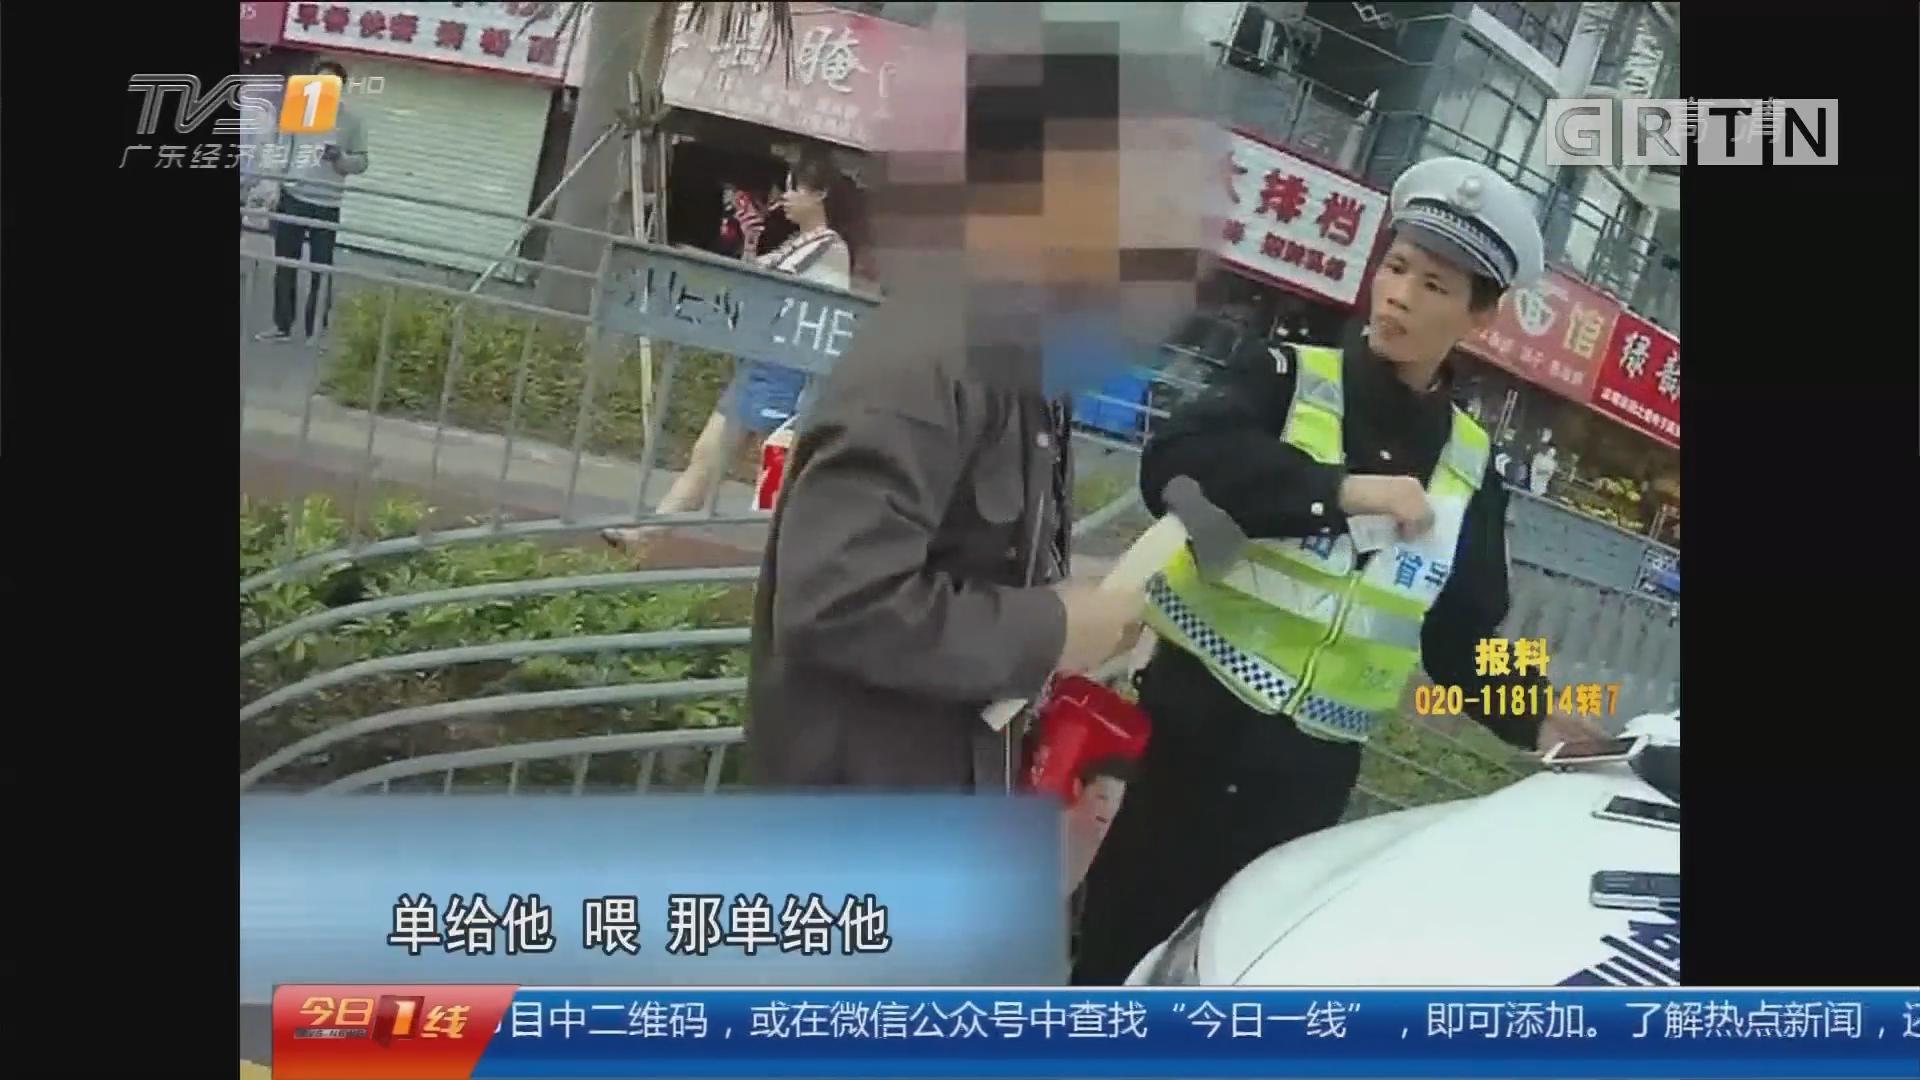 """深圳:男子挥斧头对交警""""叫嚣"""" 被拘留10天"""